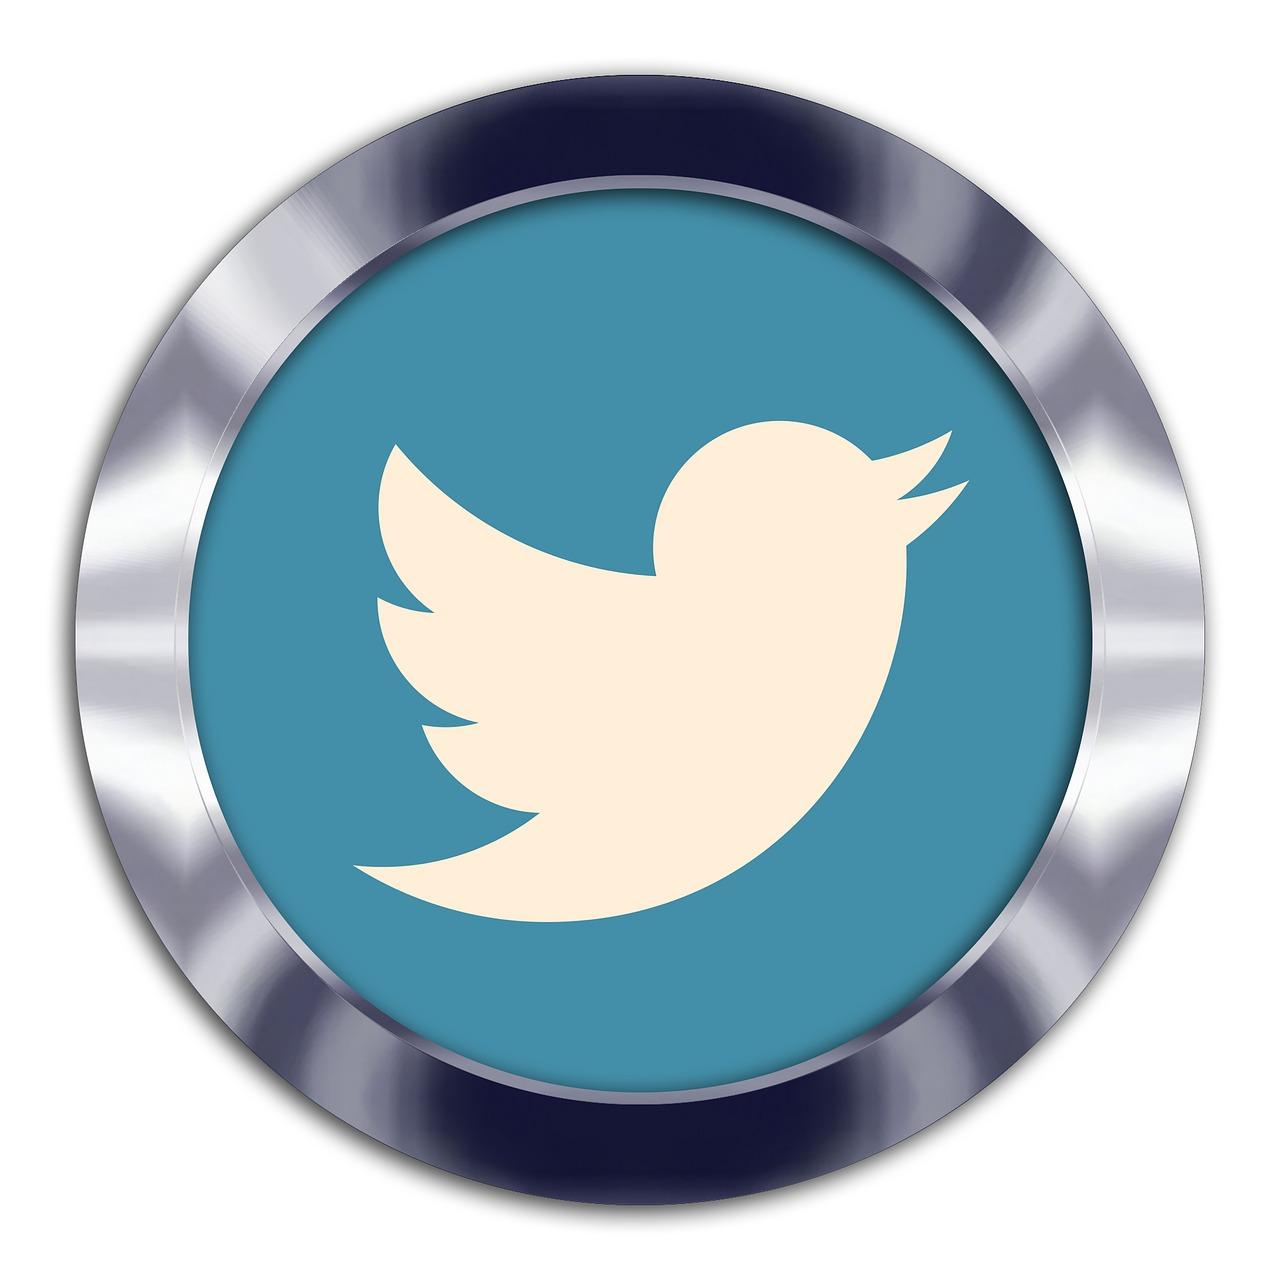 Come cambiare Account Twitter da Pubblico a Privato